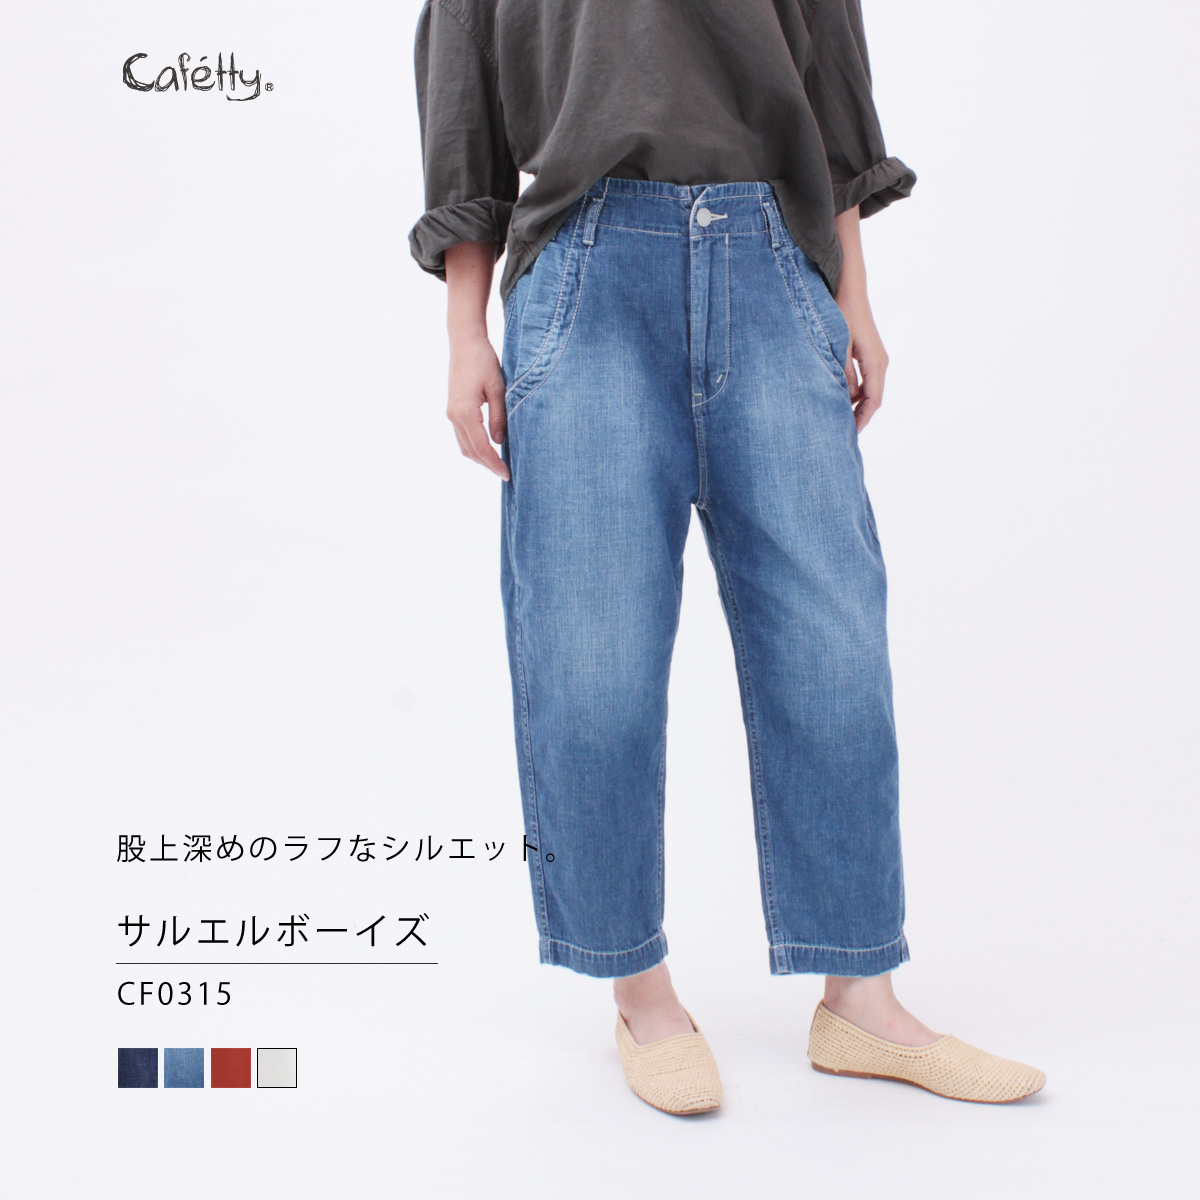 【SALE】Cafetty サルエルボーイズ CF0315